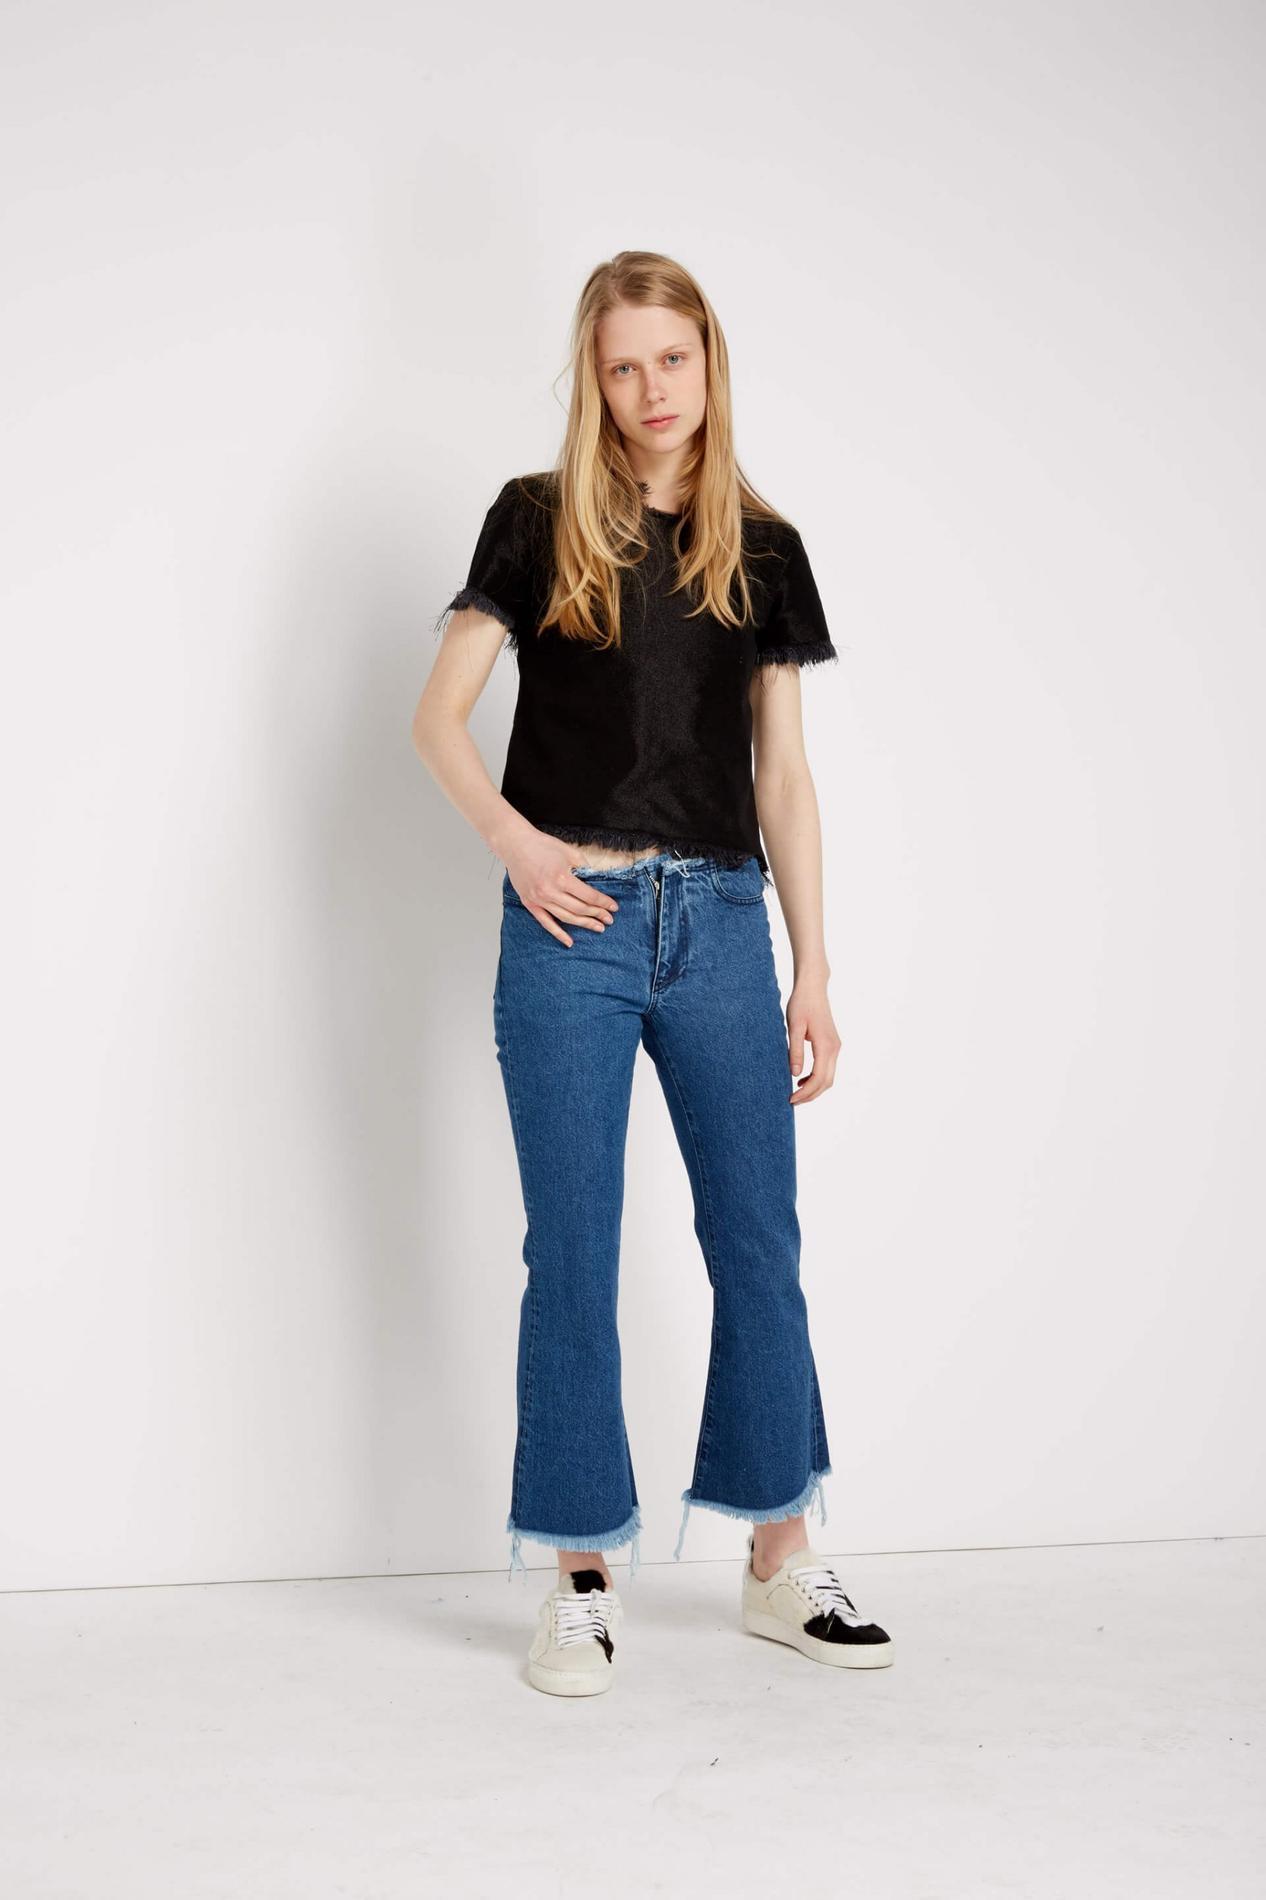 Que Jeans Porter À Adorer Madame L'on Va Les Rentrée Figaro La 1JuKF3lc5T